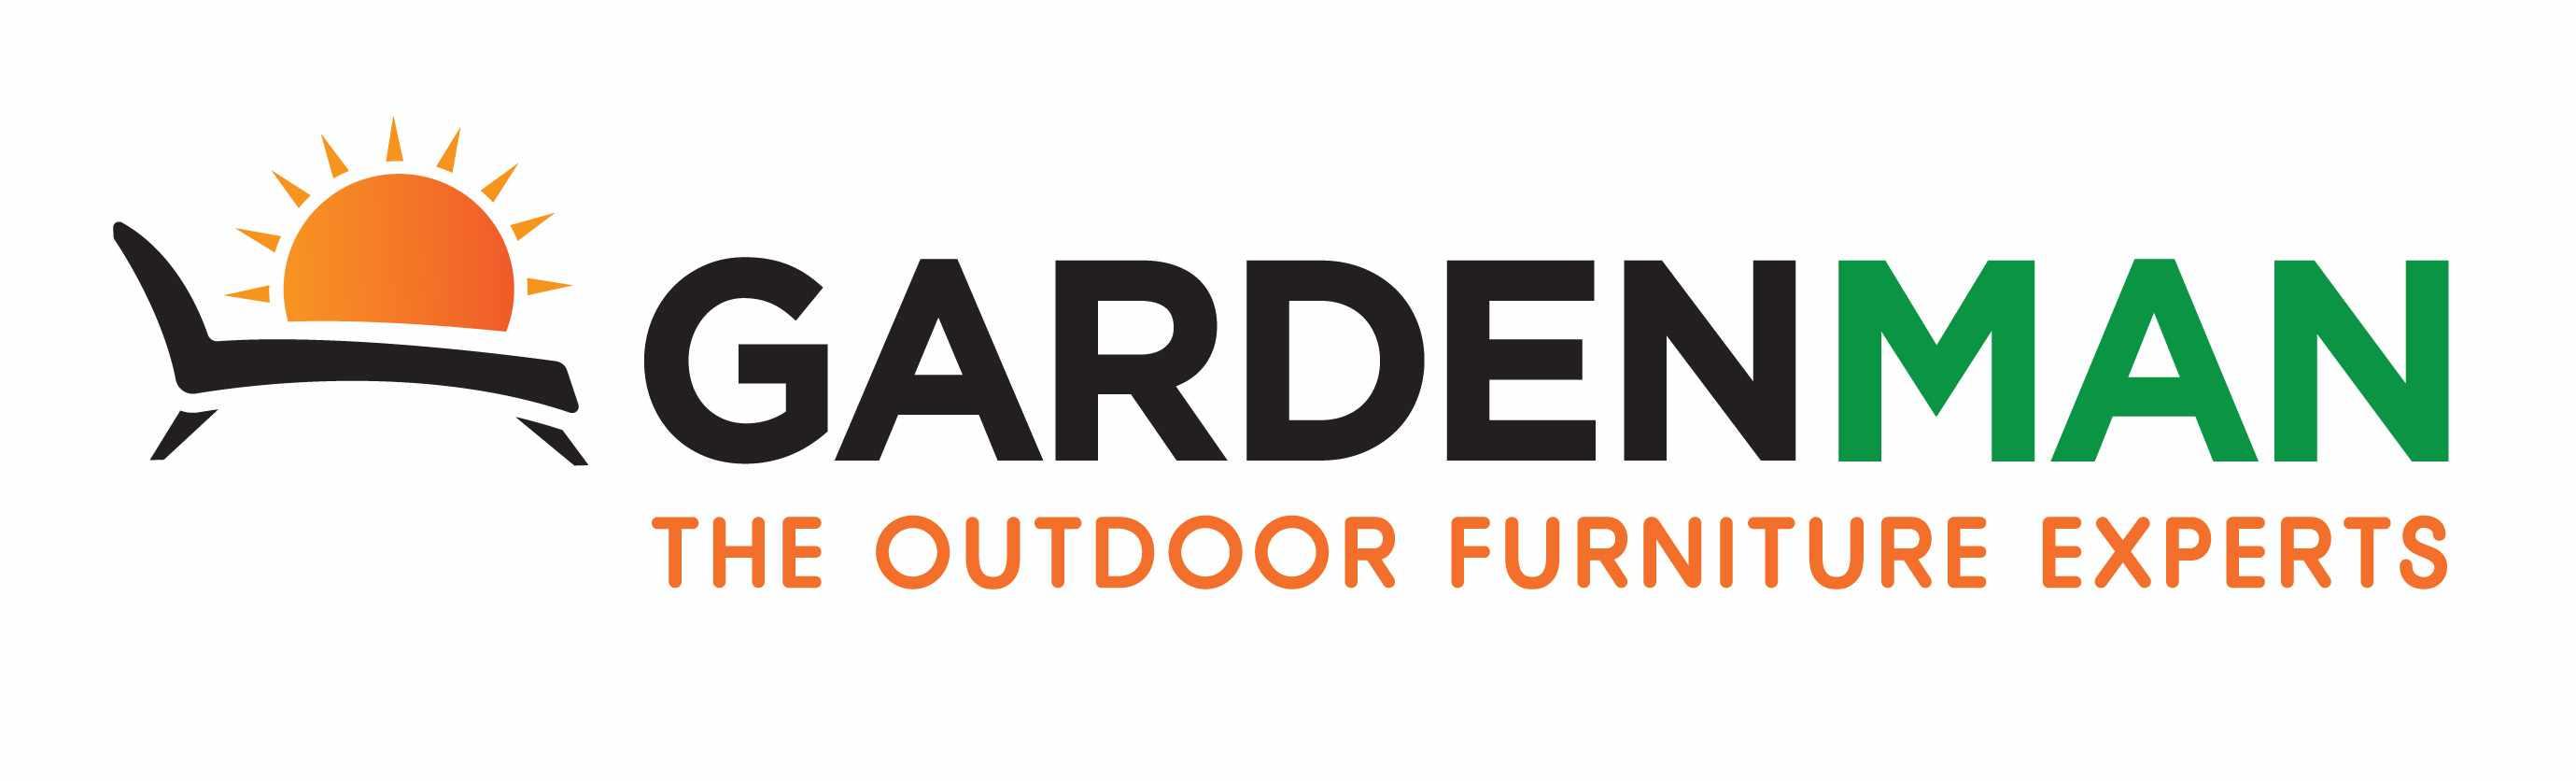 Gardenman logo_plain_MASTER